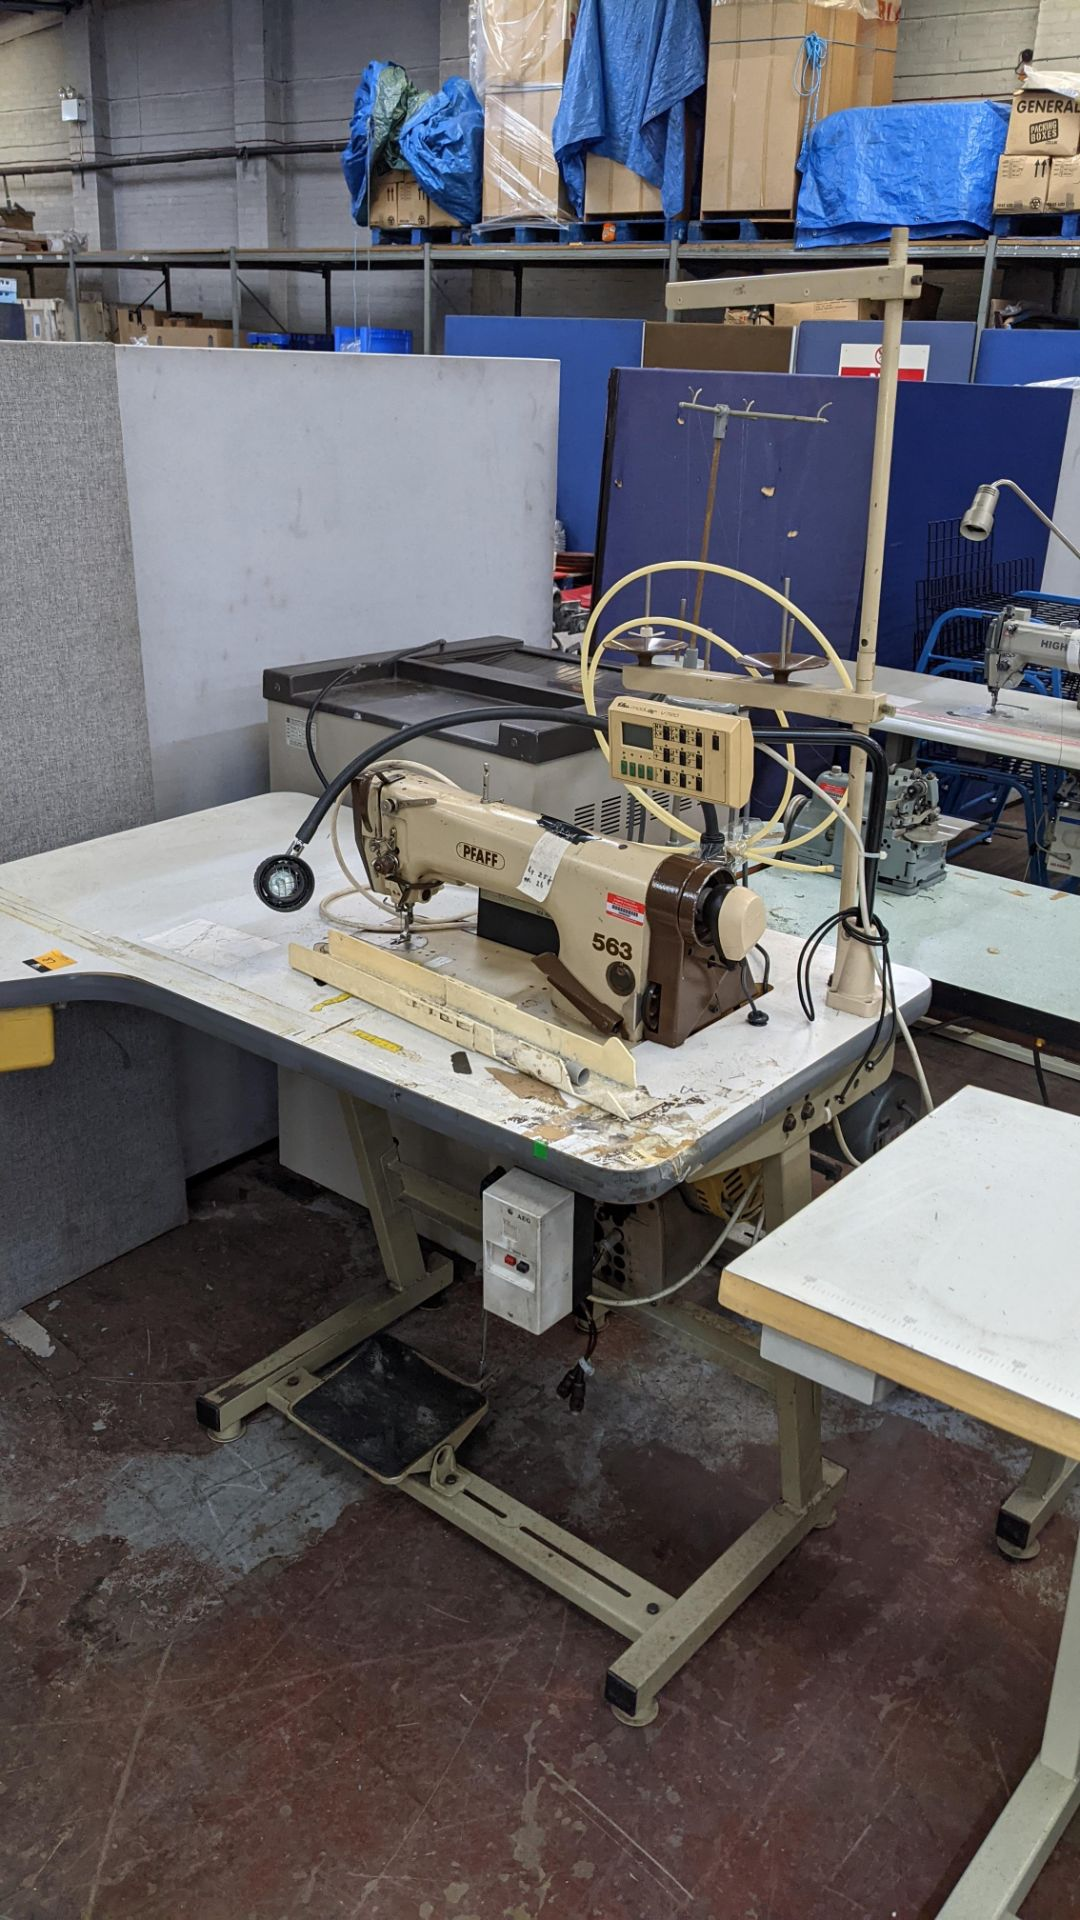 Pfaff model 563 sewing machine with Efka modular V720 digital controller - Image 4 of 13